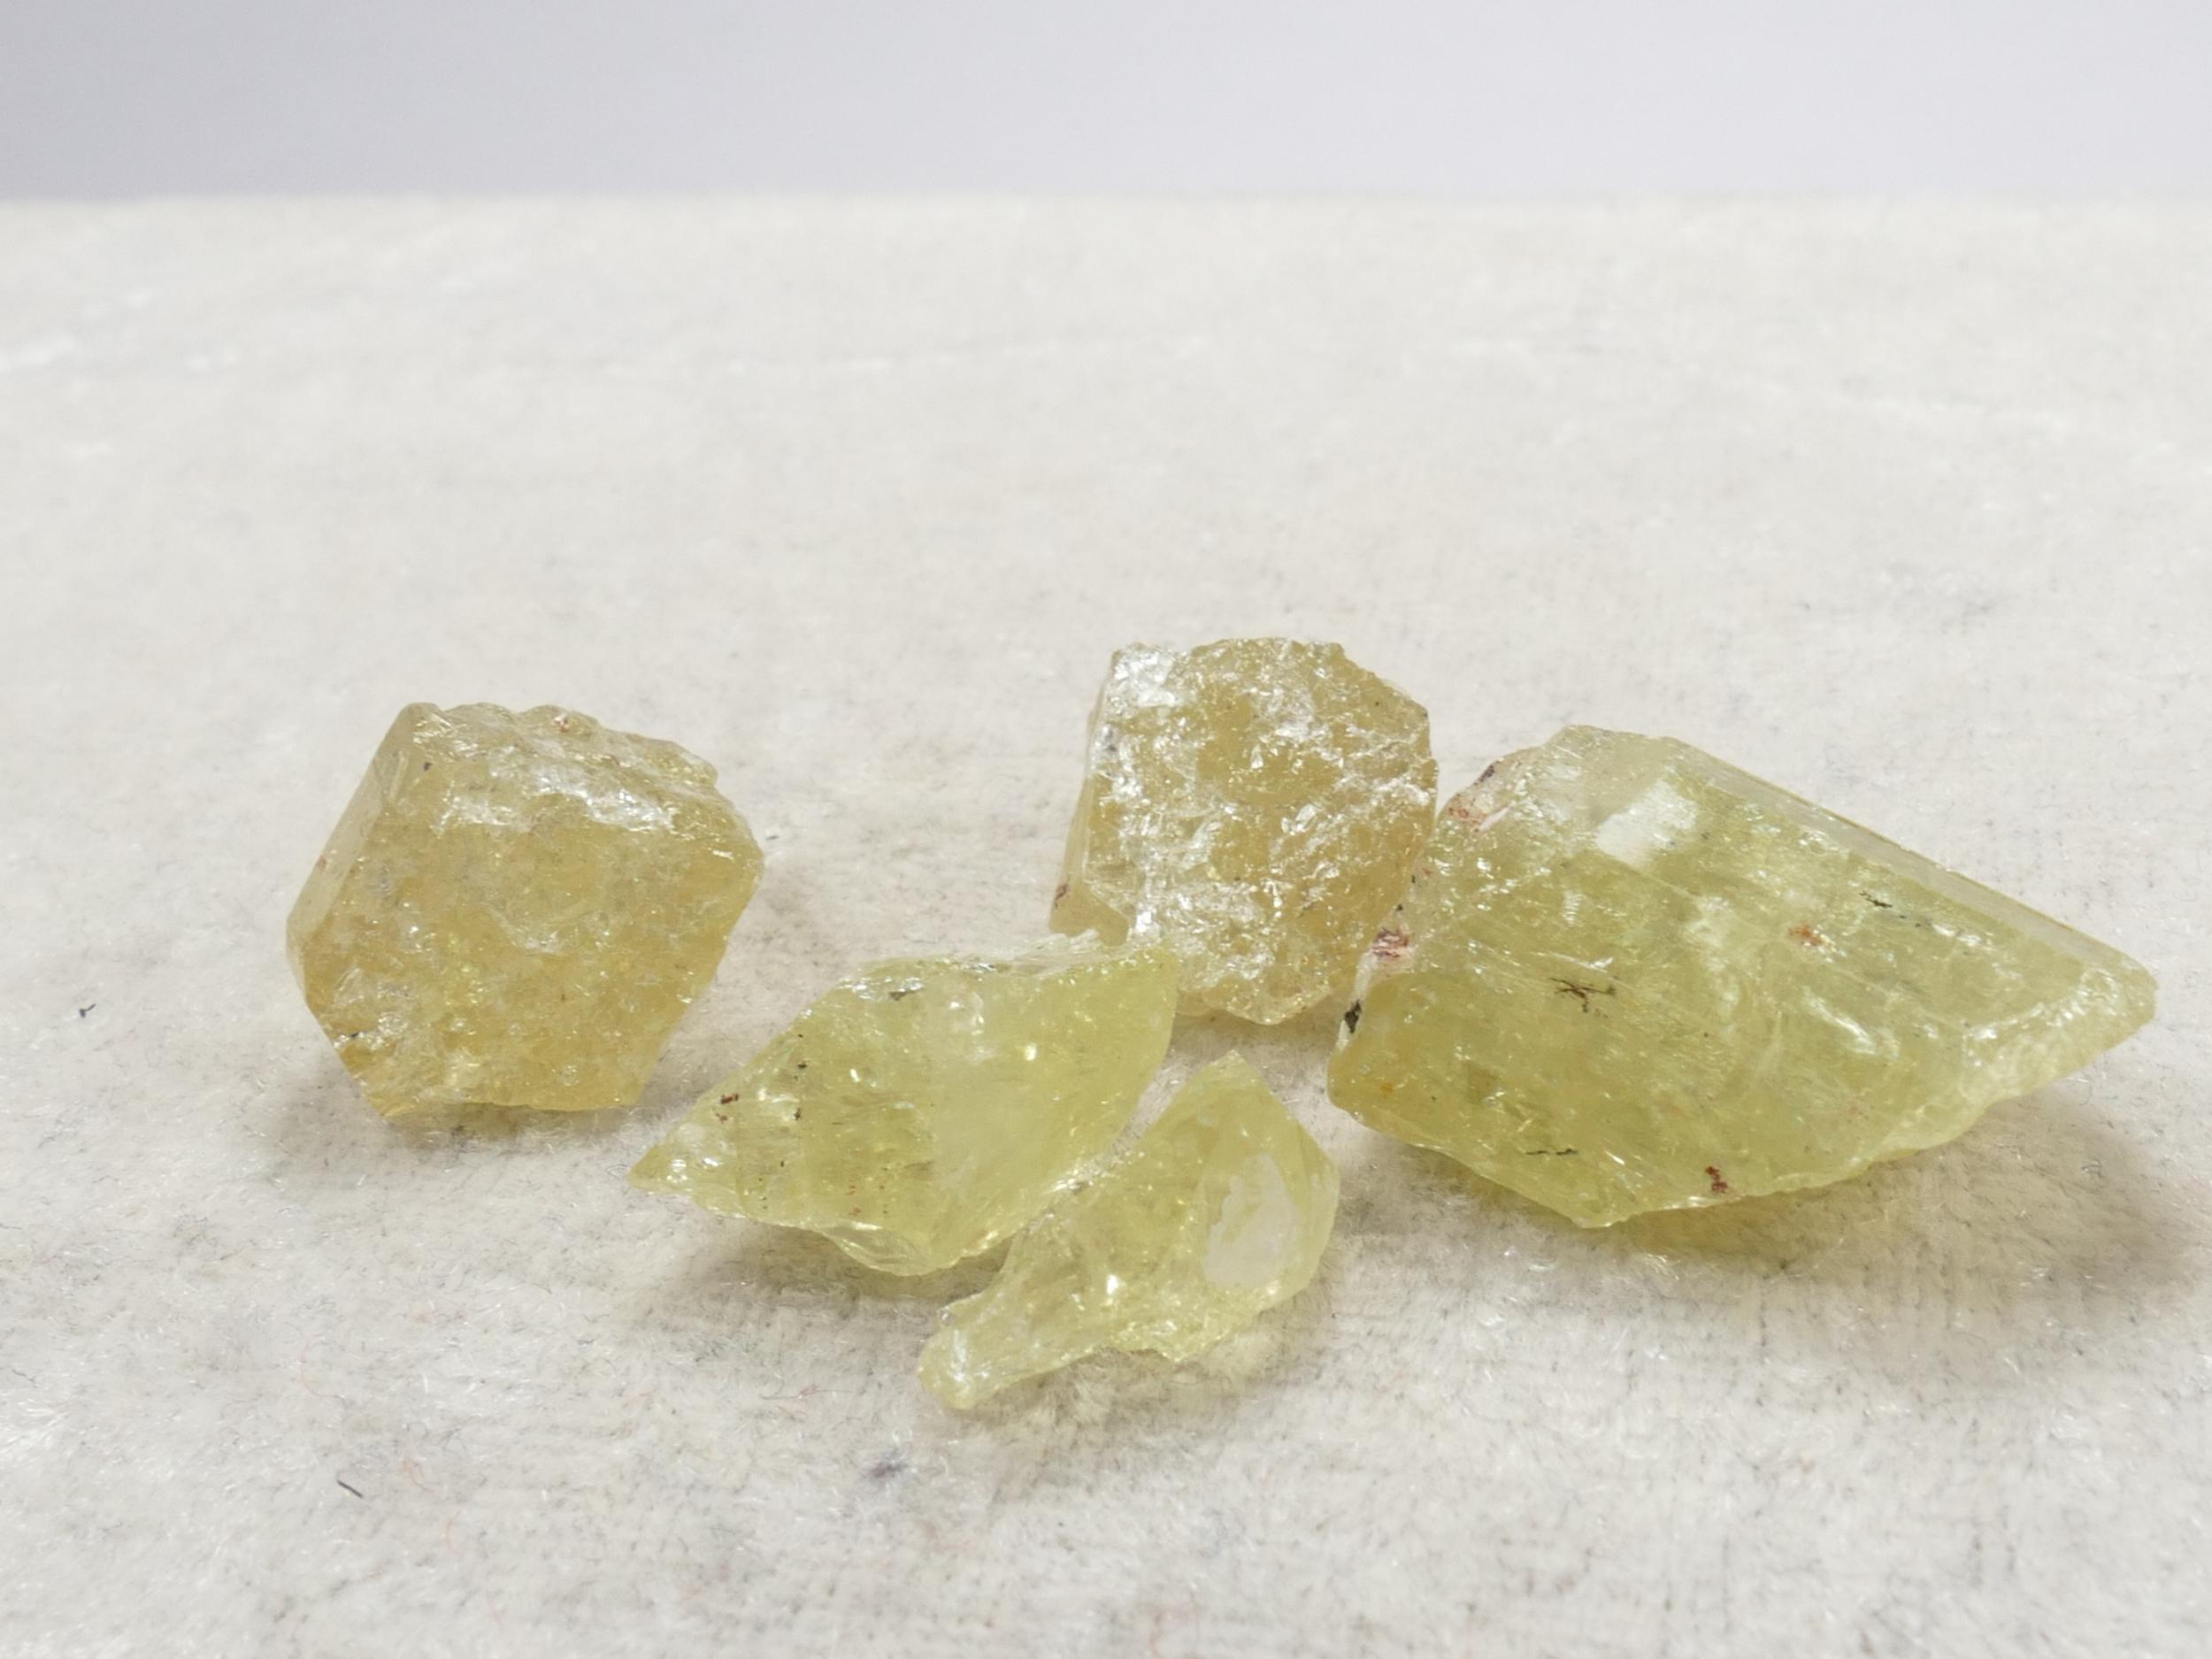 5 Apatite jaune naturelle brute 14.71g (#PK991)